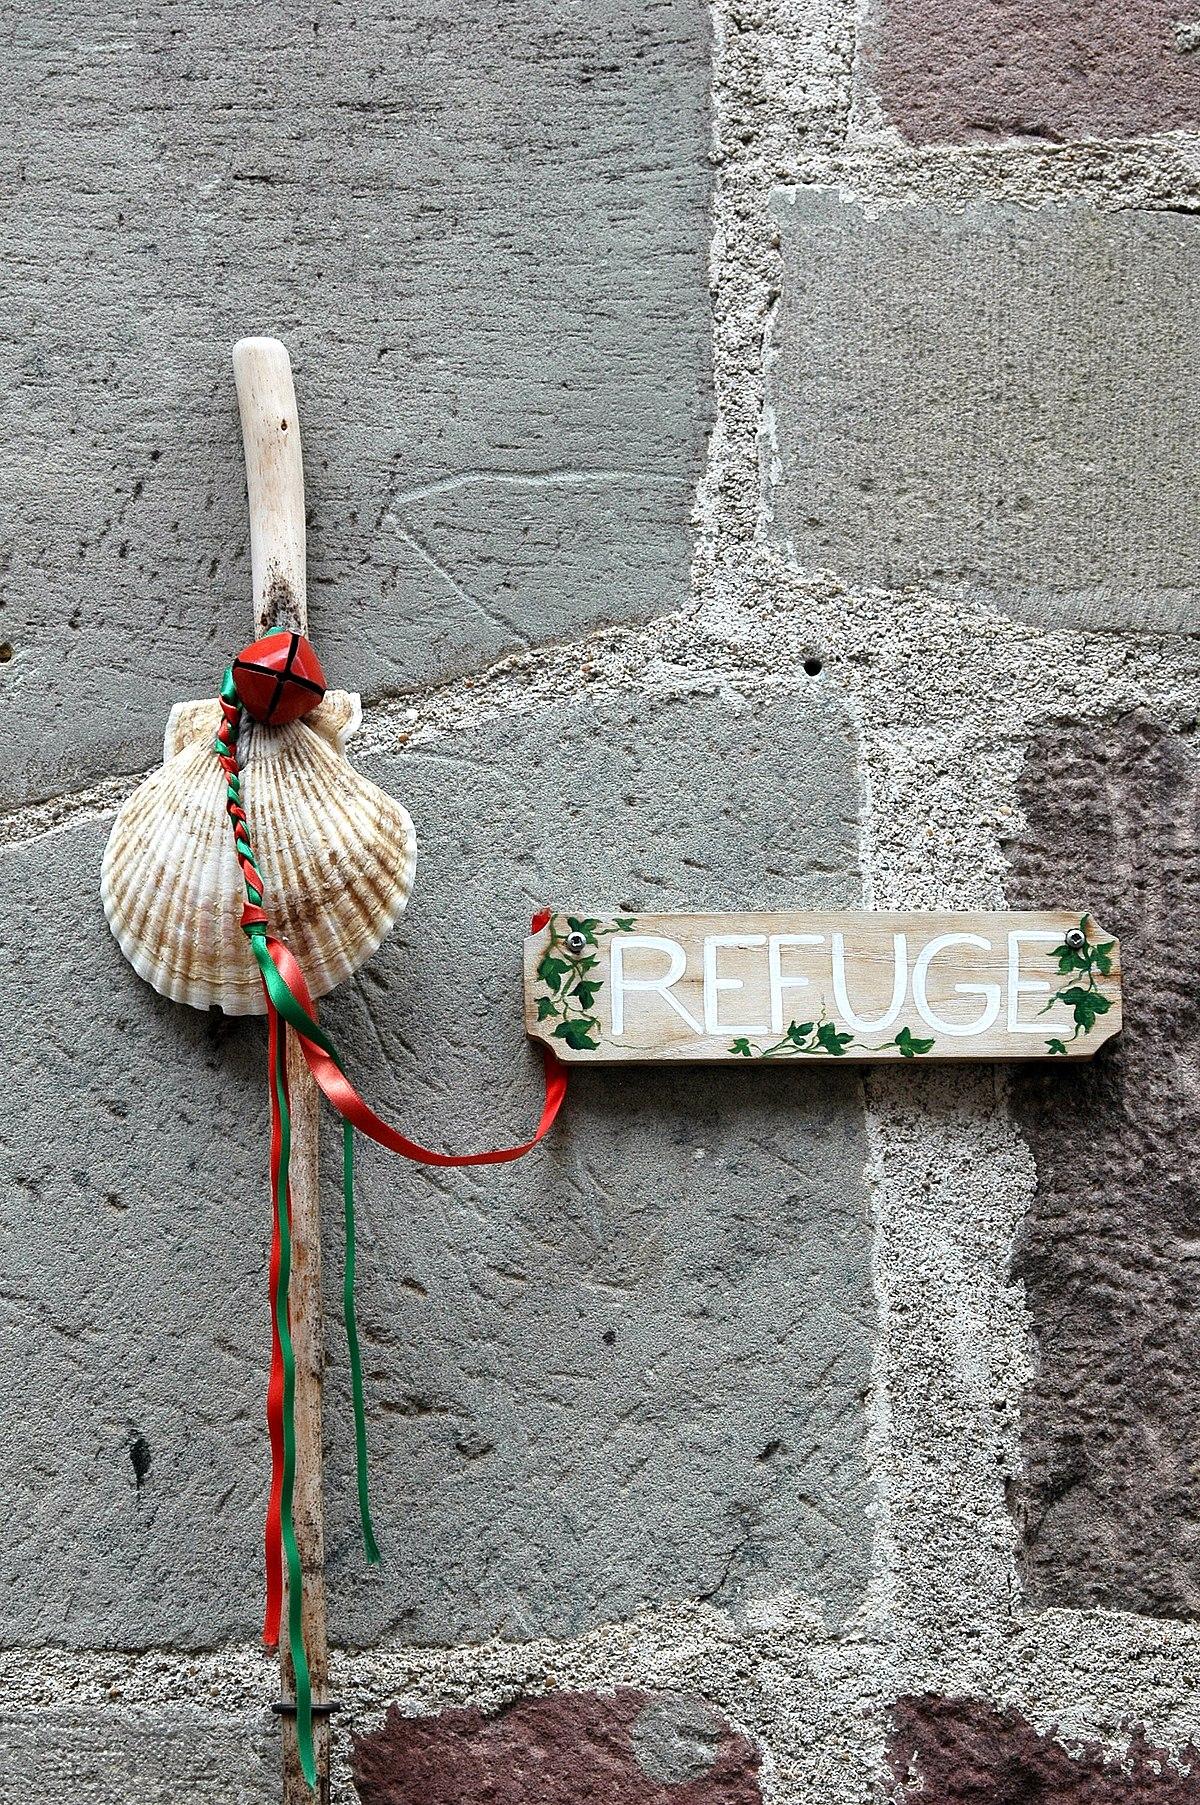 Saint jean pied de port reisef hrer auf wikivoyage - Saint jean de pied de port compostelle ...